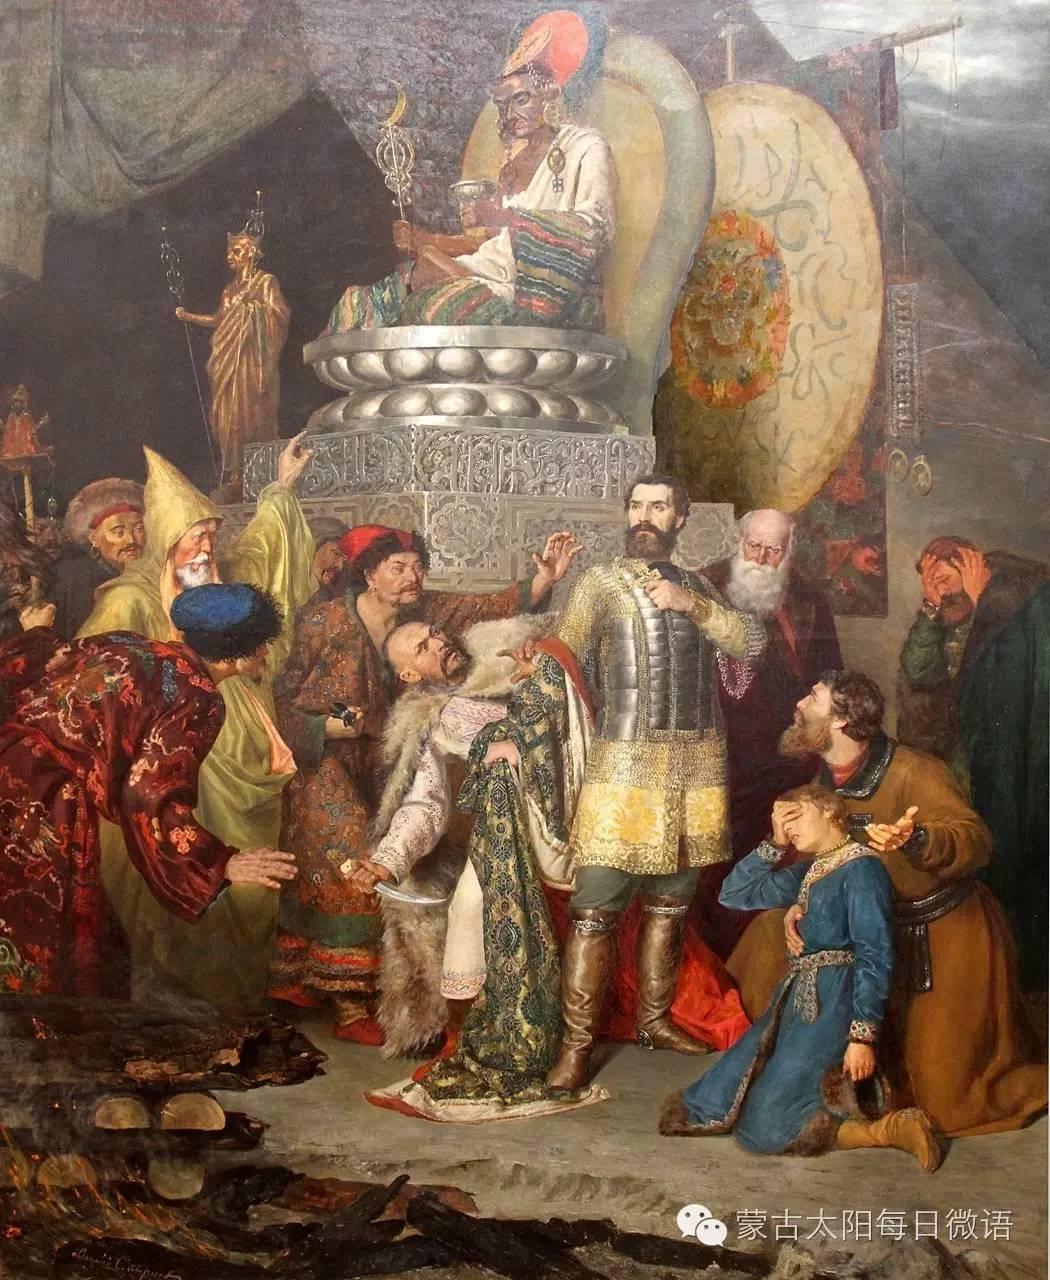 一个蒙古人眼中的欧洲  第32章 世界著名蒙古族画家费岳达尔•卡尔梅克 第24张